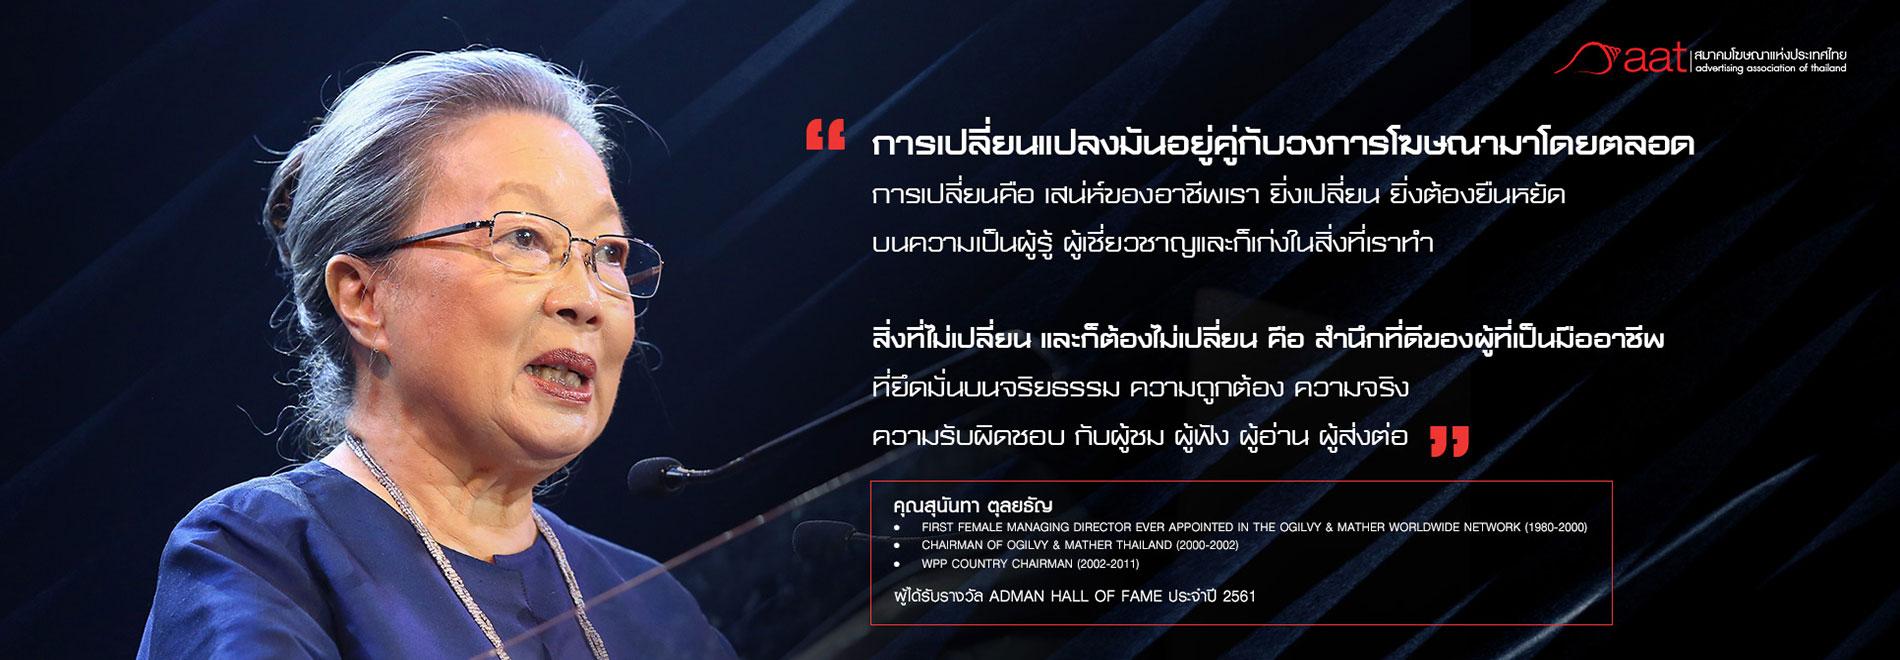 Top-Banner-1900x660_K-Sununtha